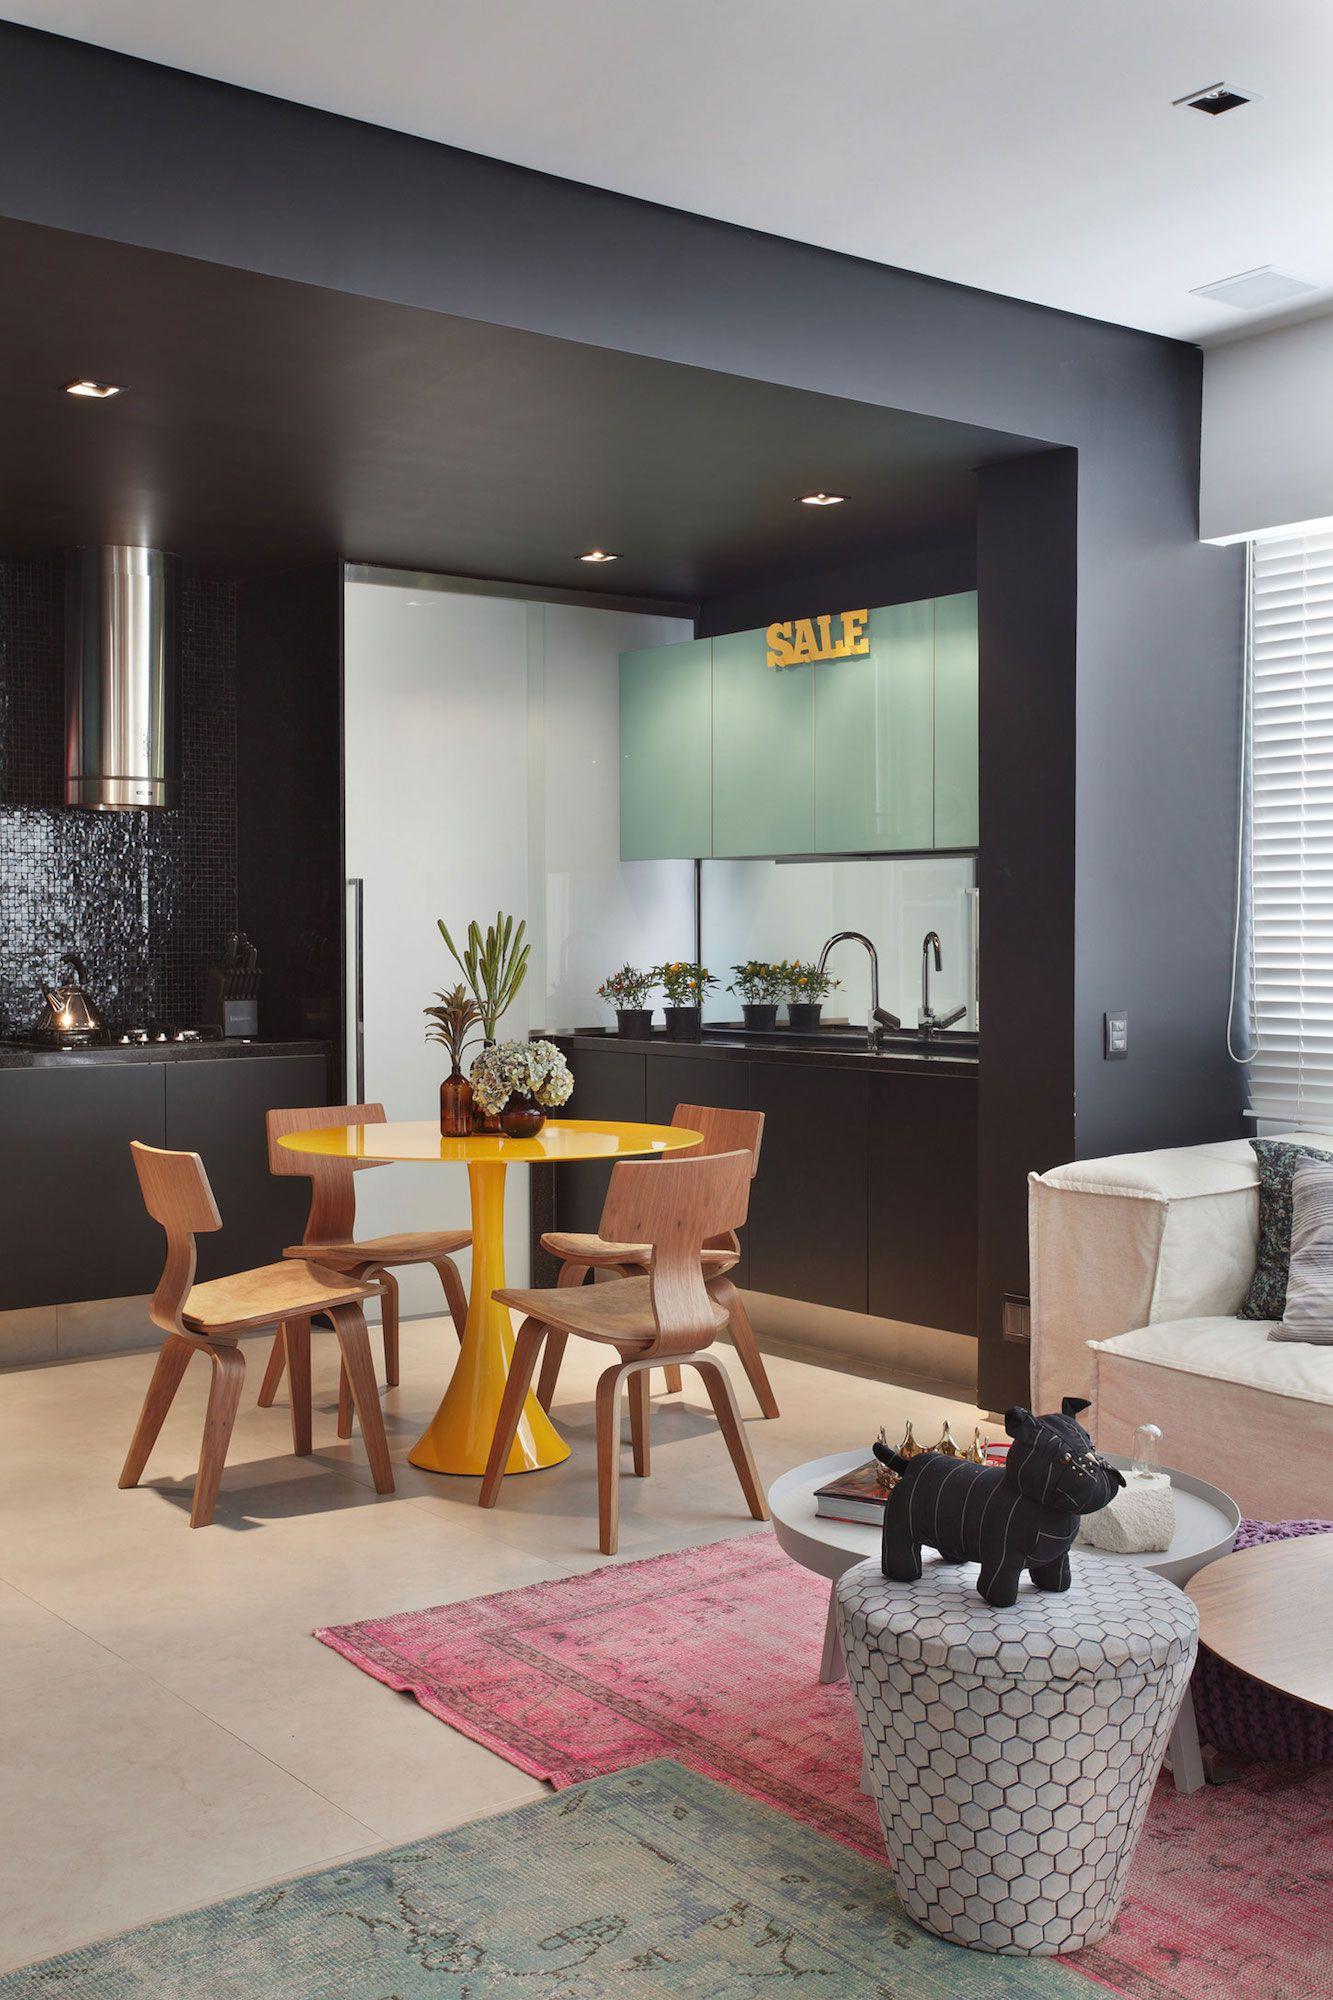 дизайн однокомнатной квартиры фотогалерея